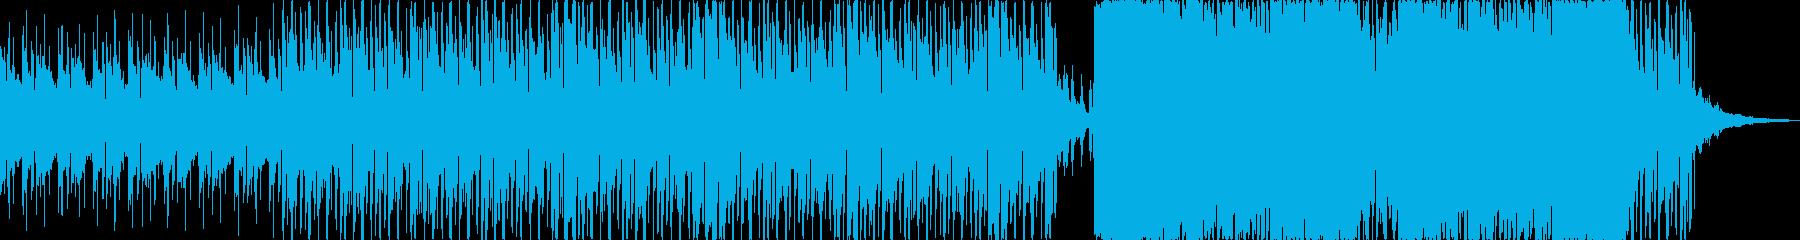 センスある空間を演出する都会的BGMの再生済みの波形